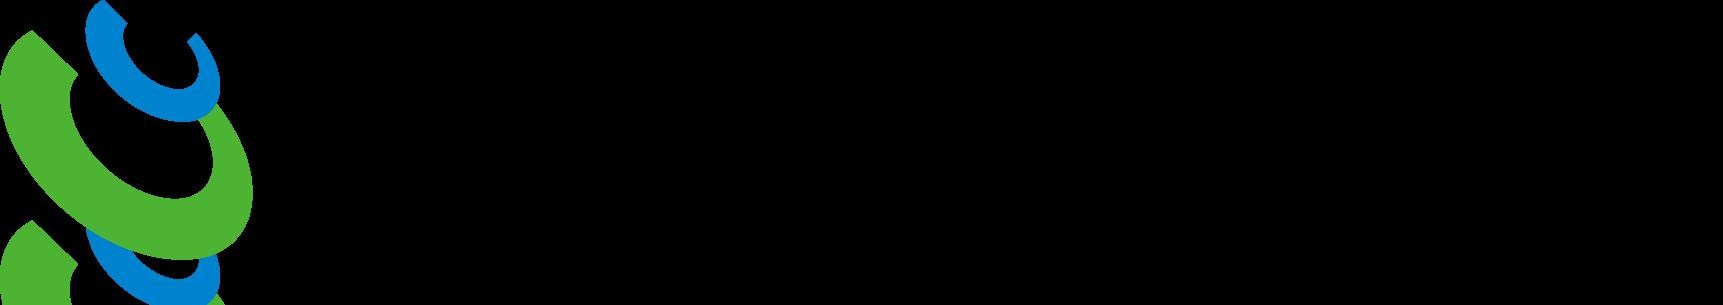 株式会社ユー・システム